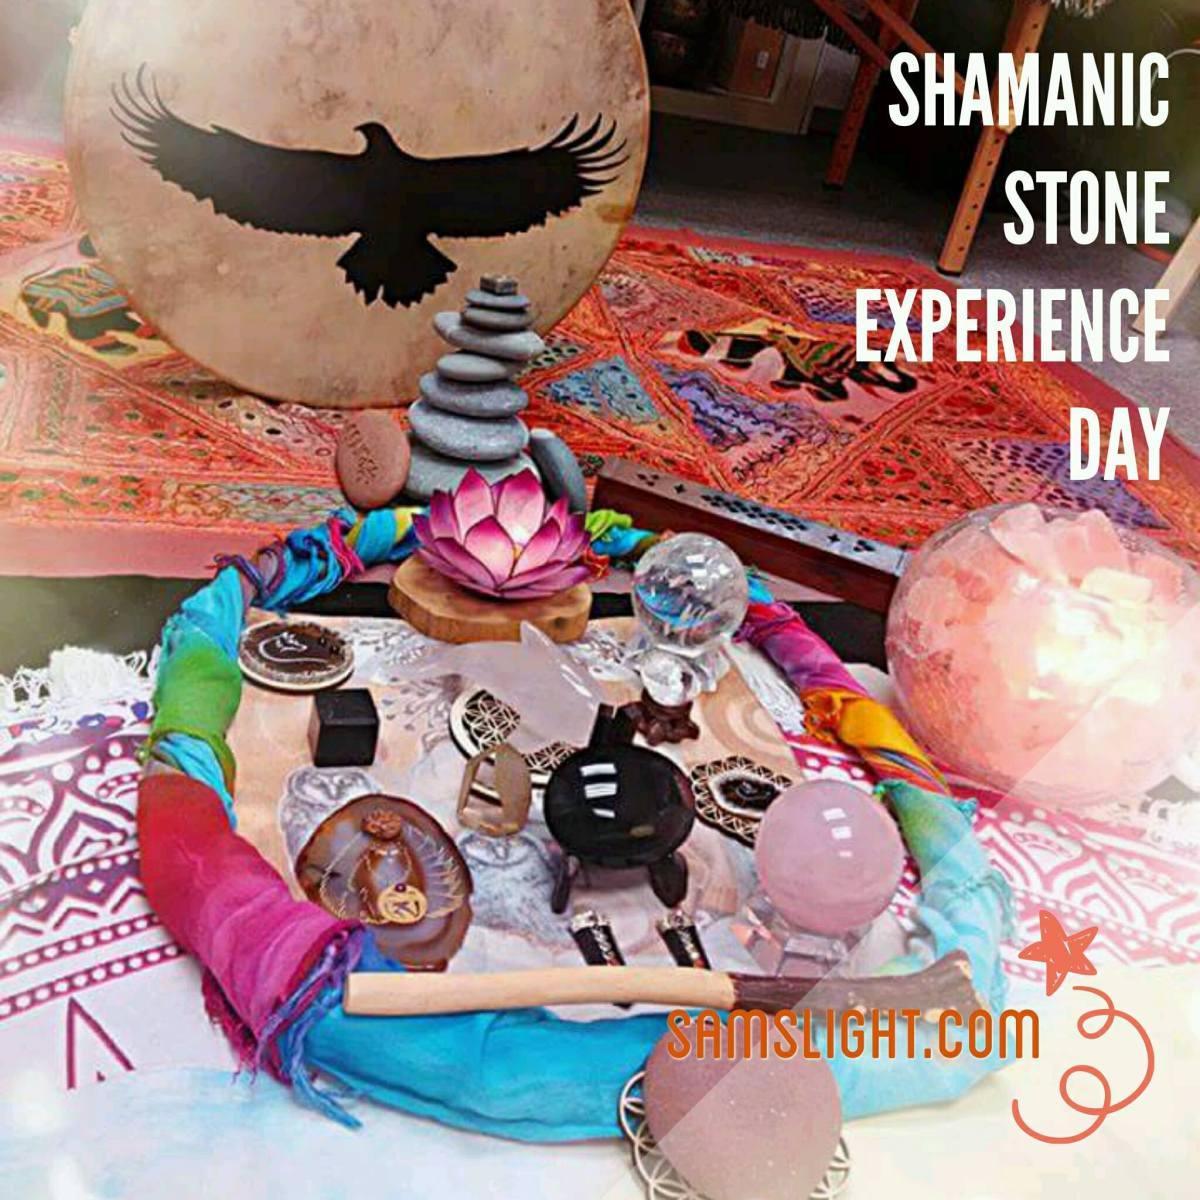 Shamanic 薩滿石頭占卜 及 石頭治療體驗日